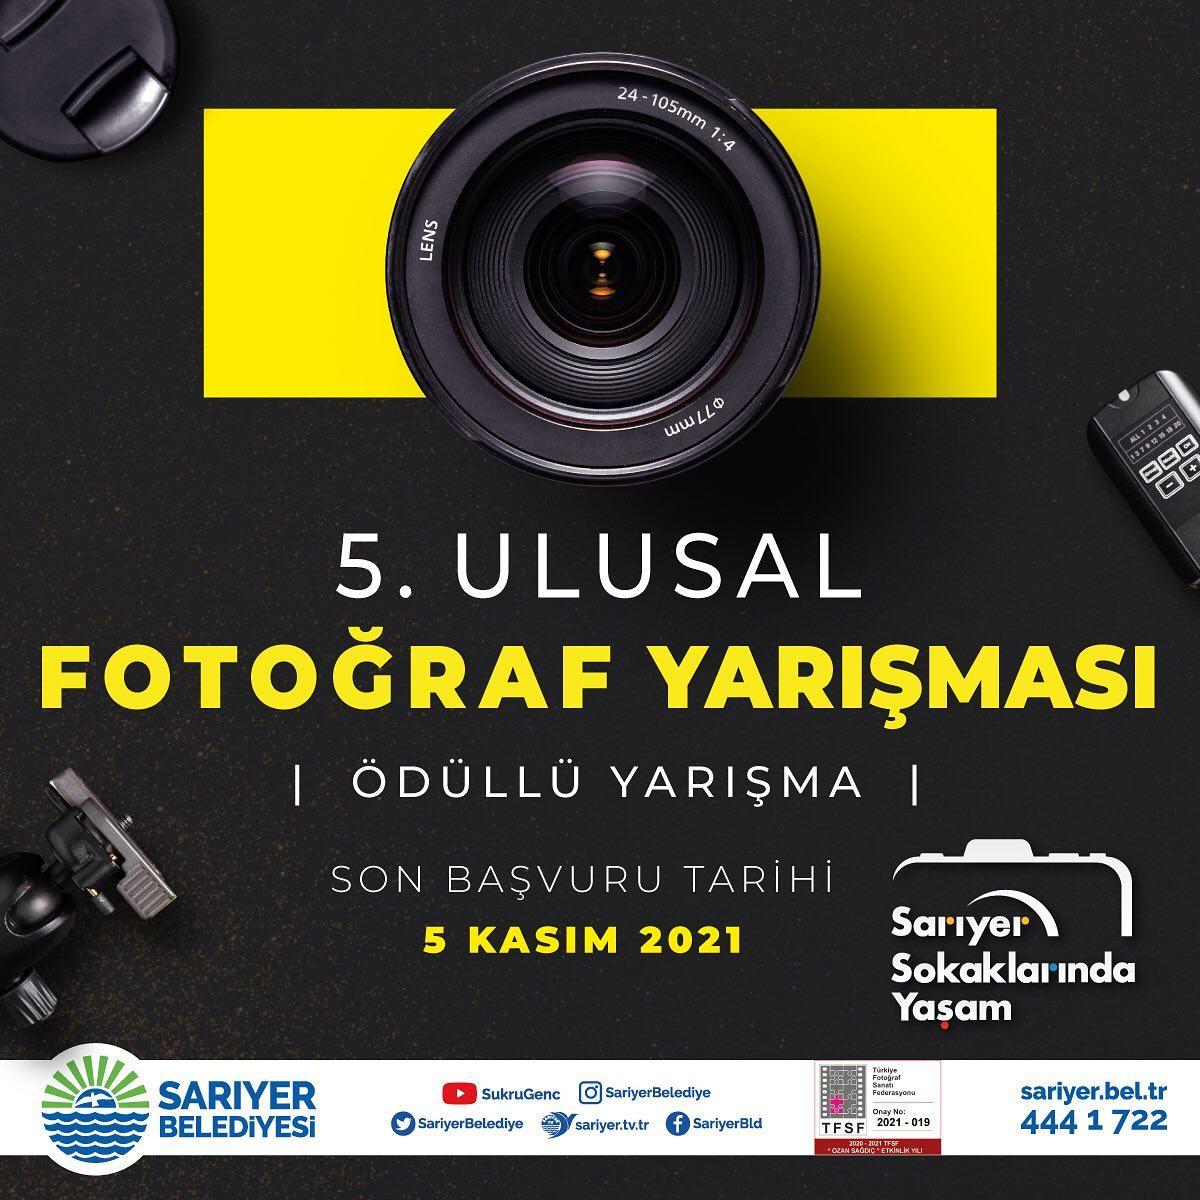 Sarıyer Belediyesi 5. Ulusal Ödüllü Fotoğraf Yarışması